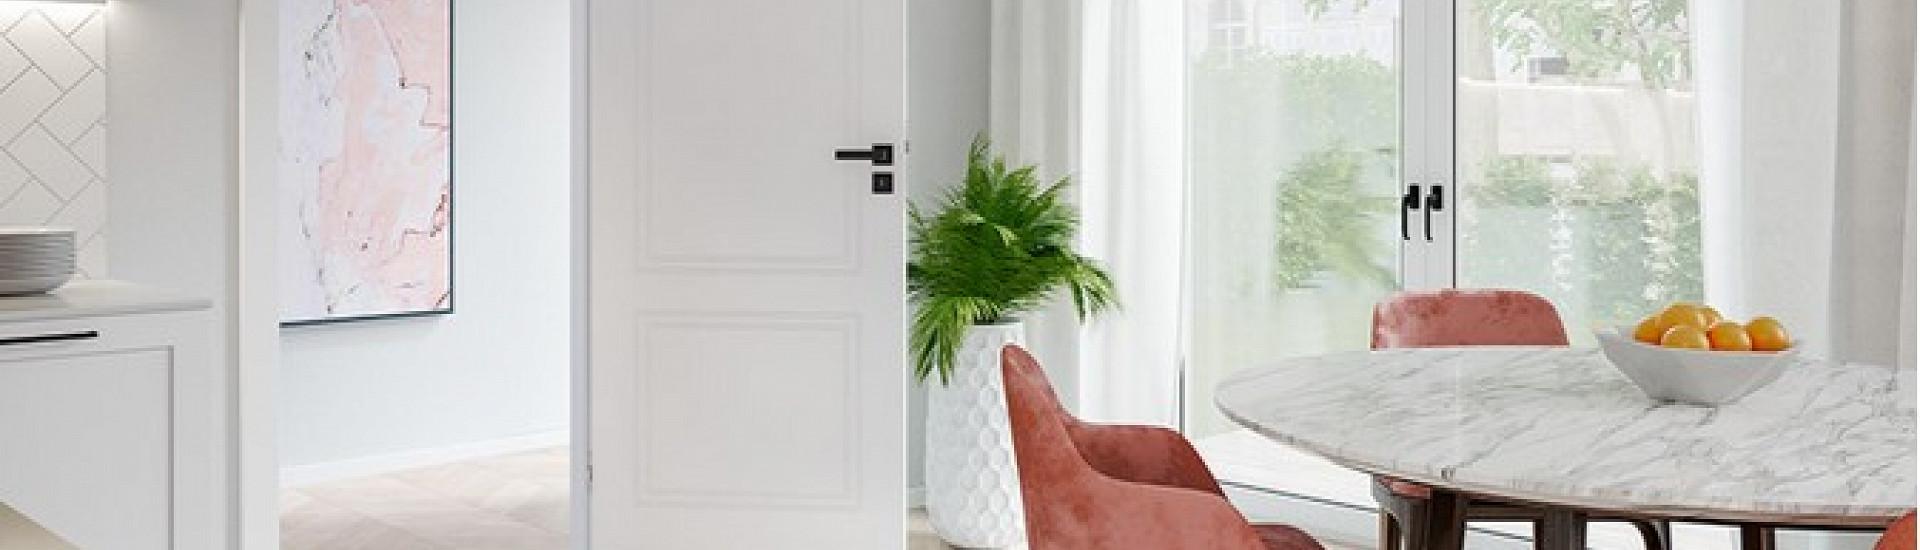 Drzwi wewnętrzne do pokoju